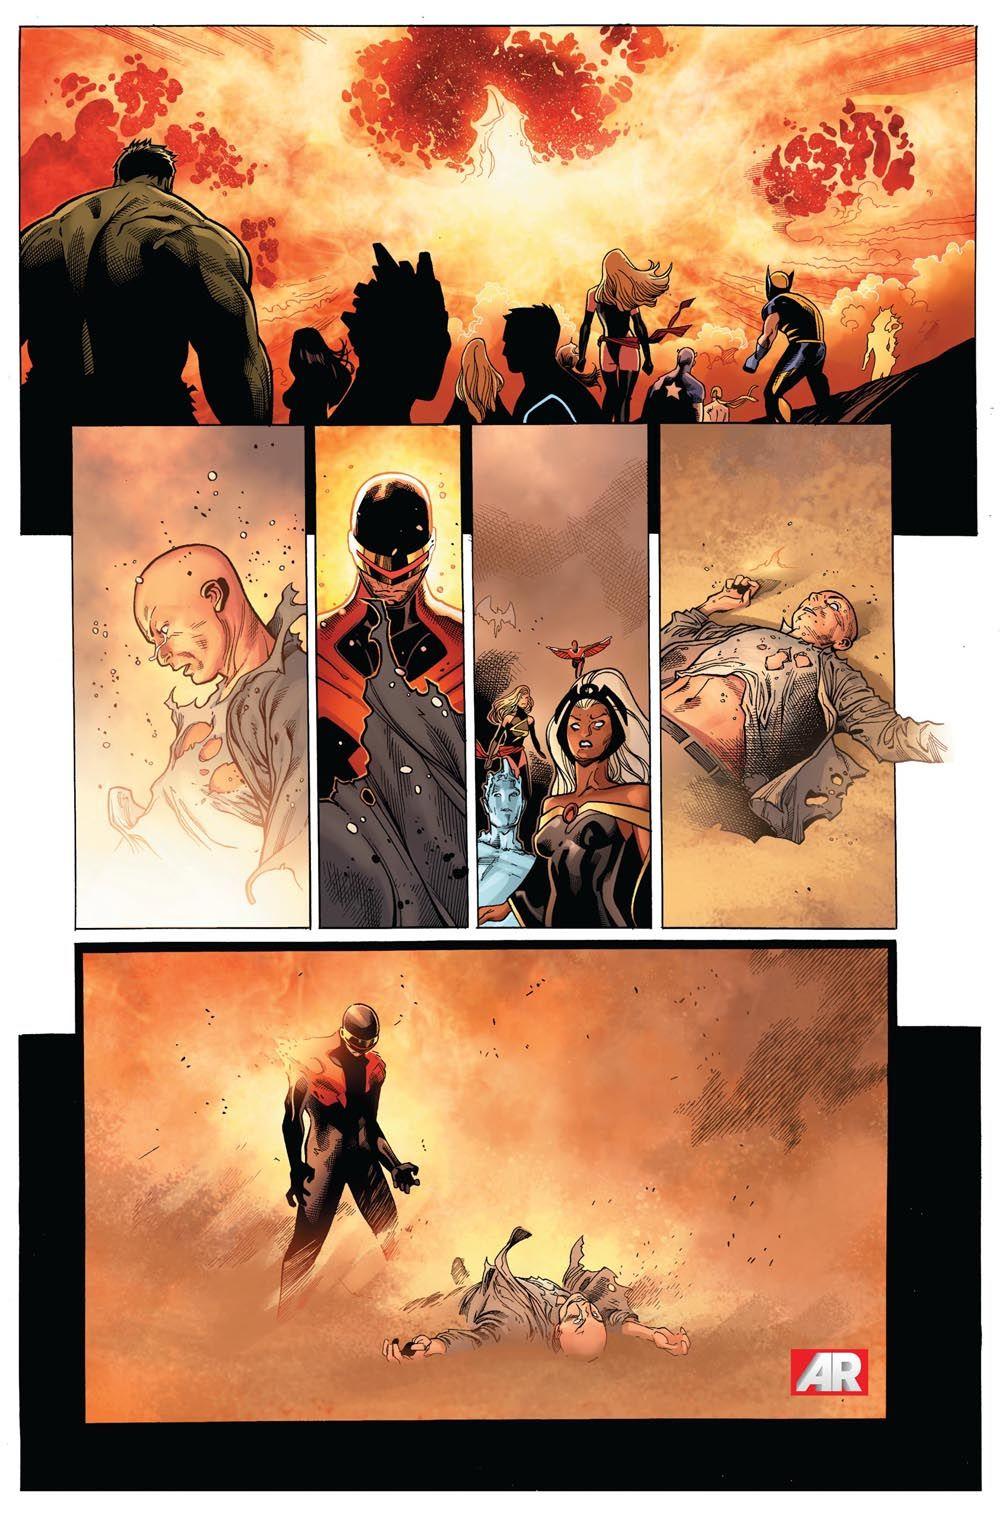 b78e9e01336 Legendary Marvel Character Dies in AVENGERS VS X-MEN #11 - Comic ...